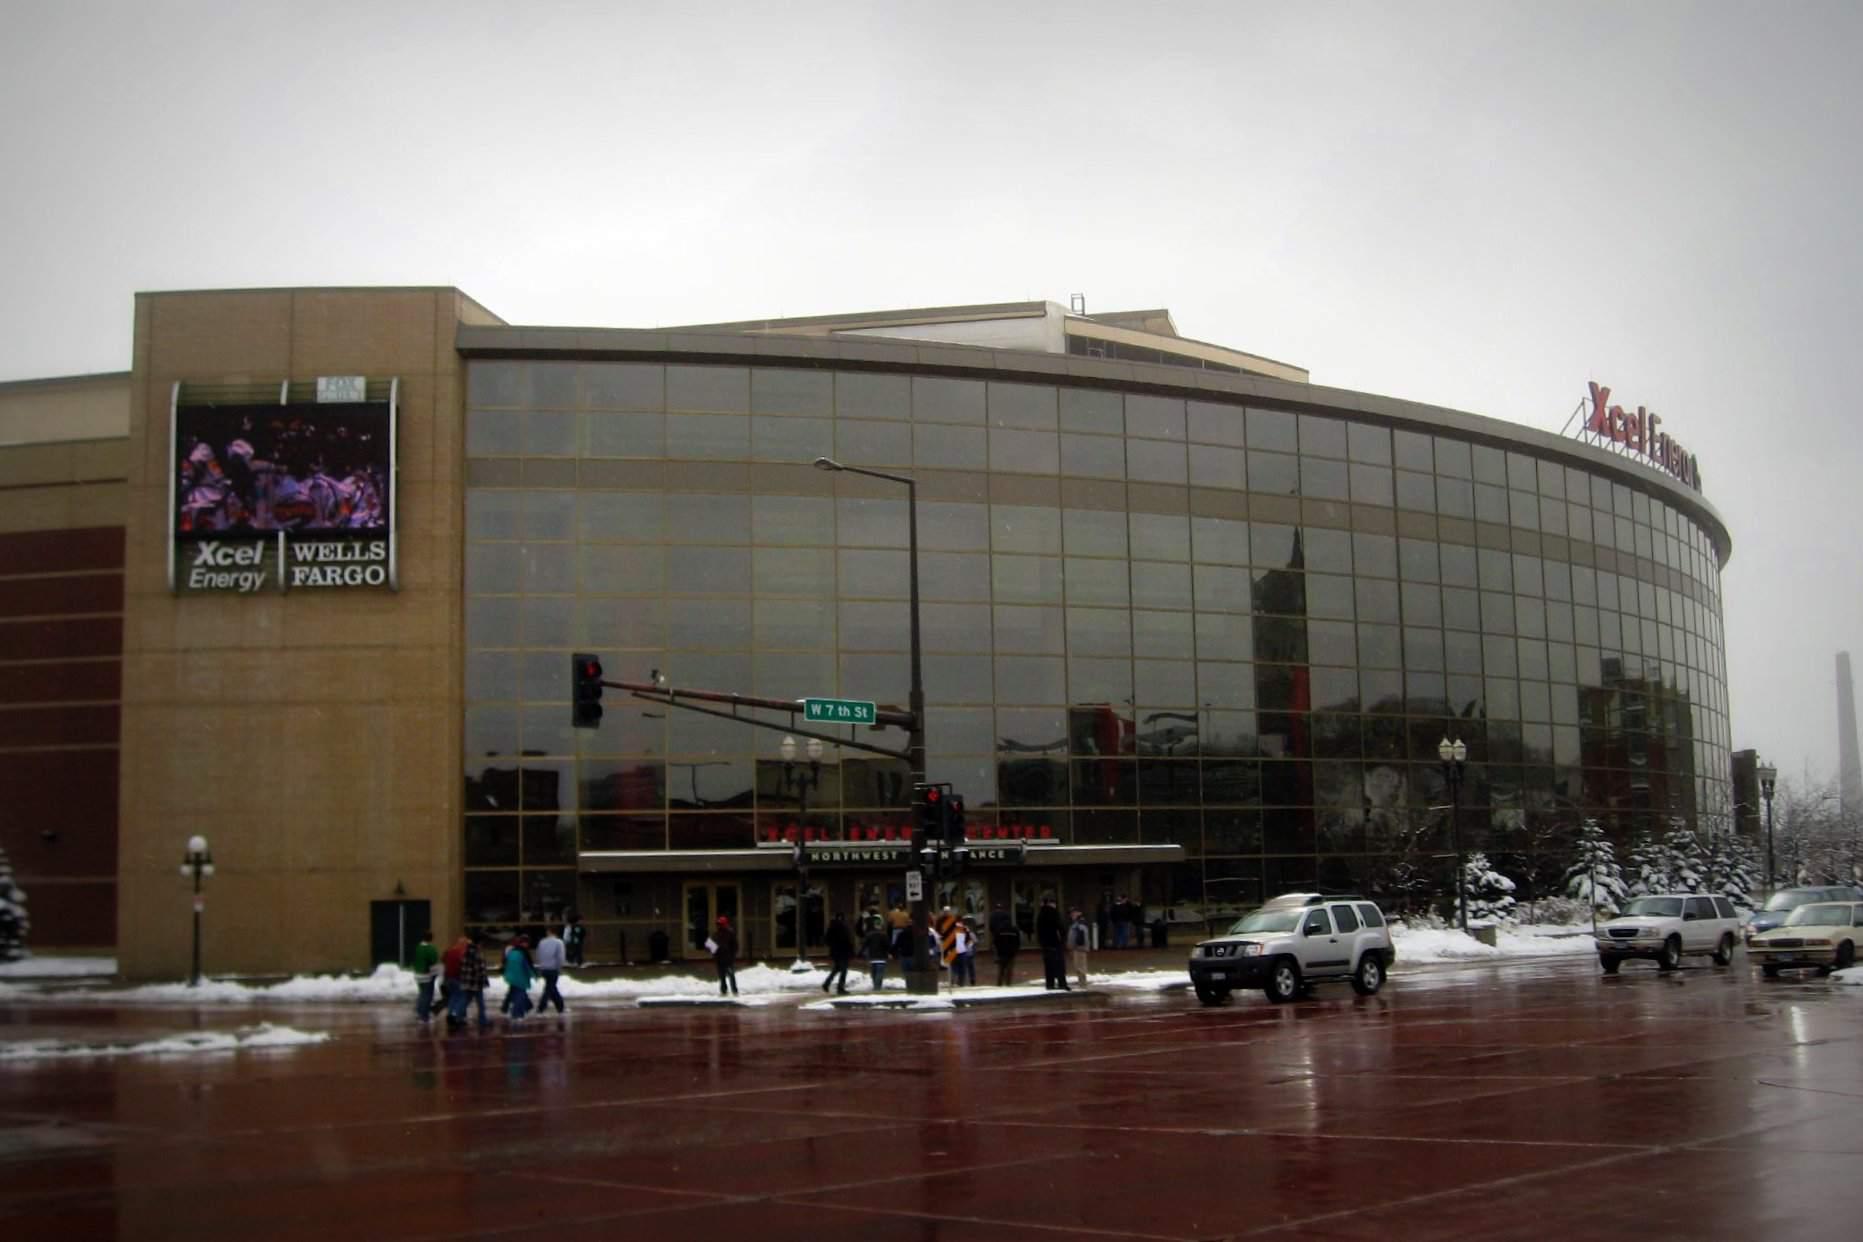 Xcel energy center in winter